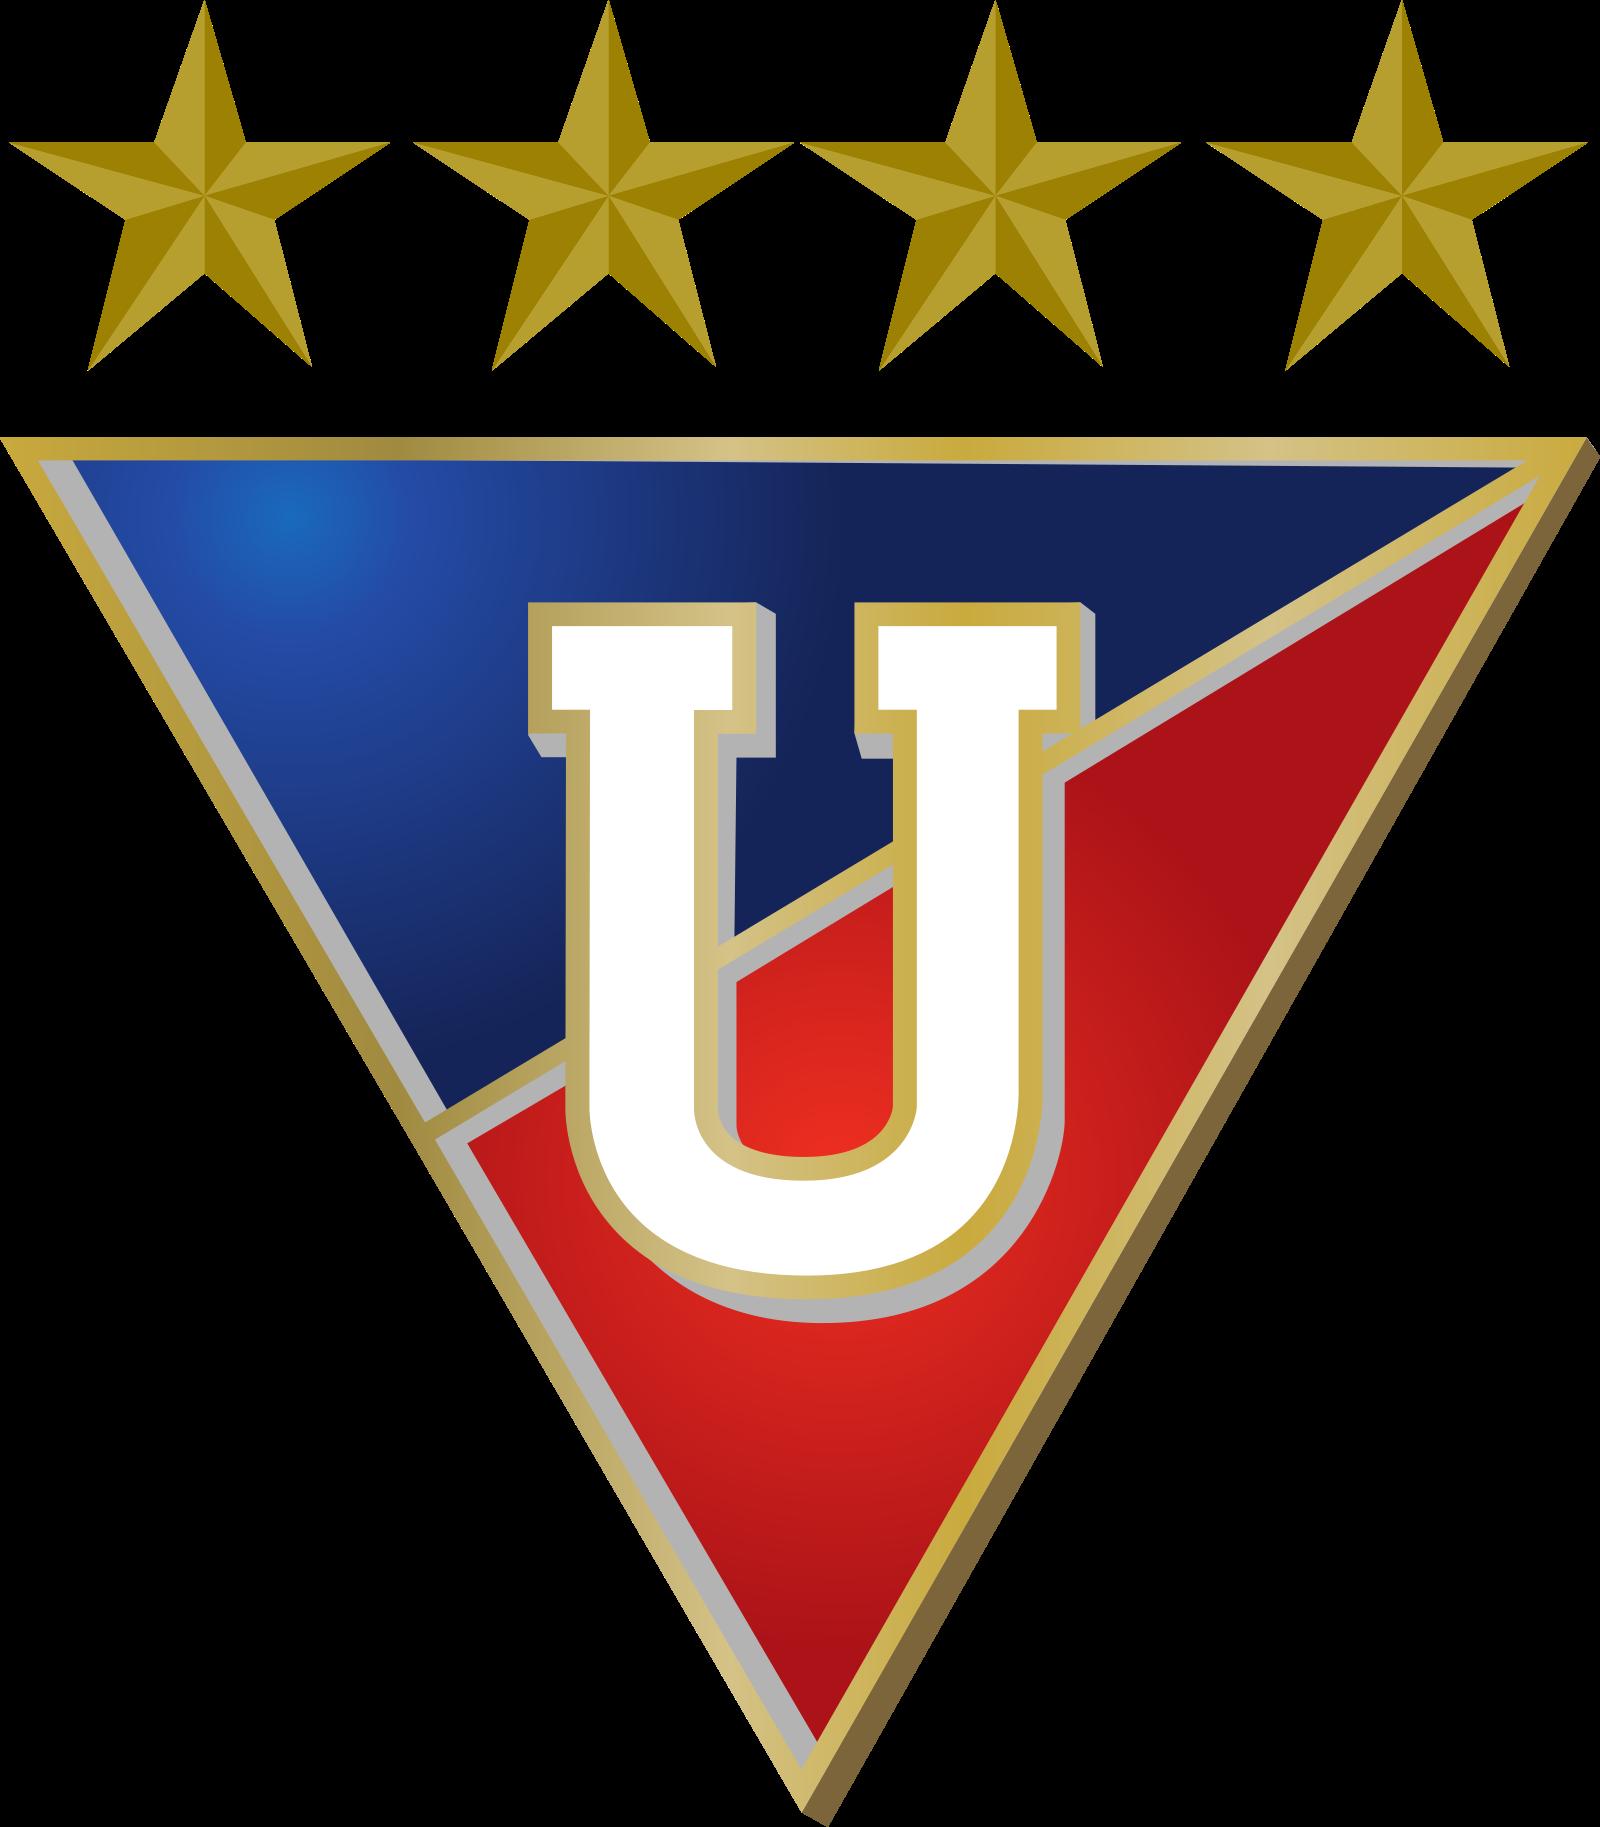 ldu-logo-4